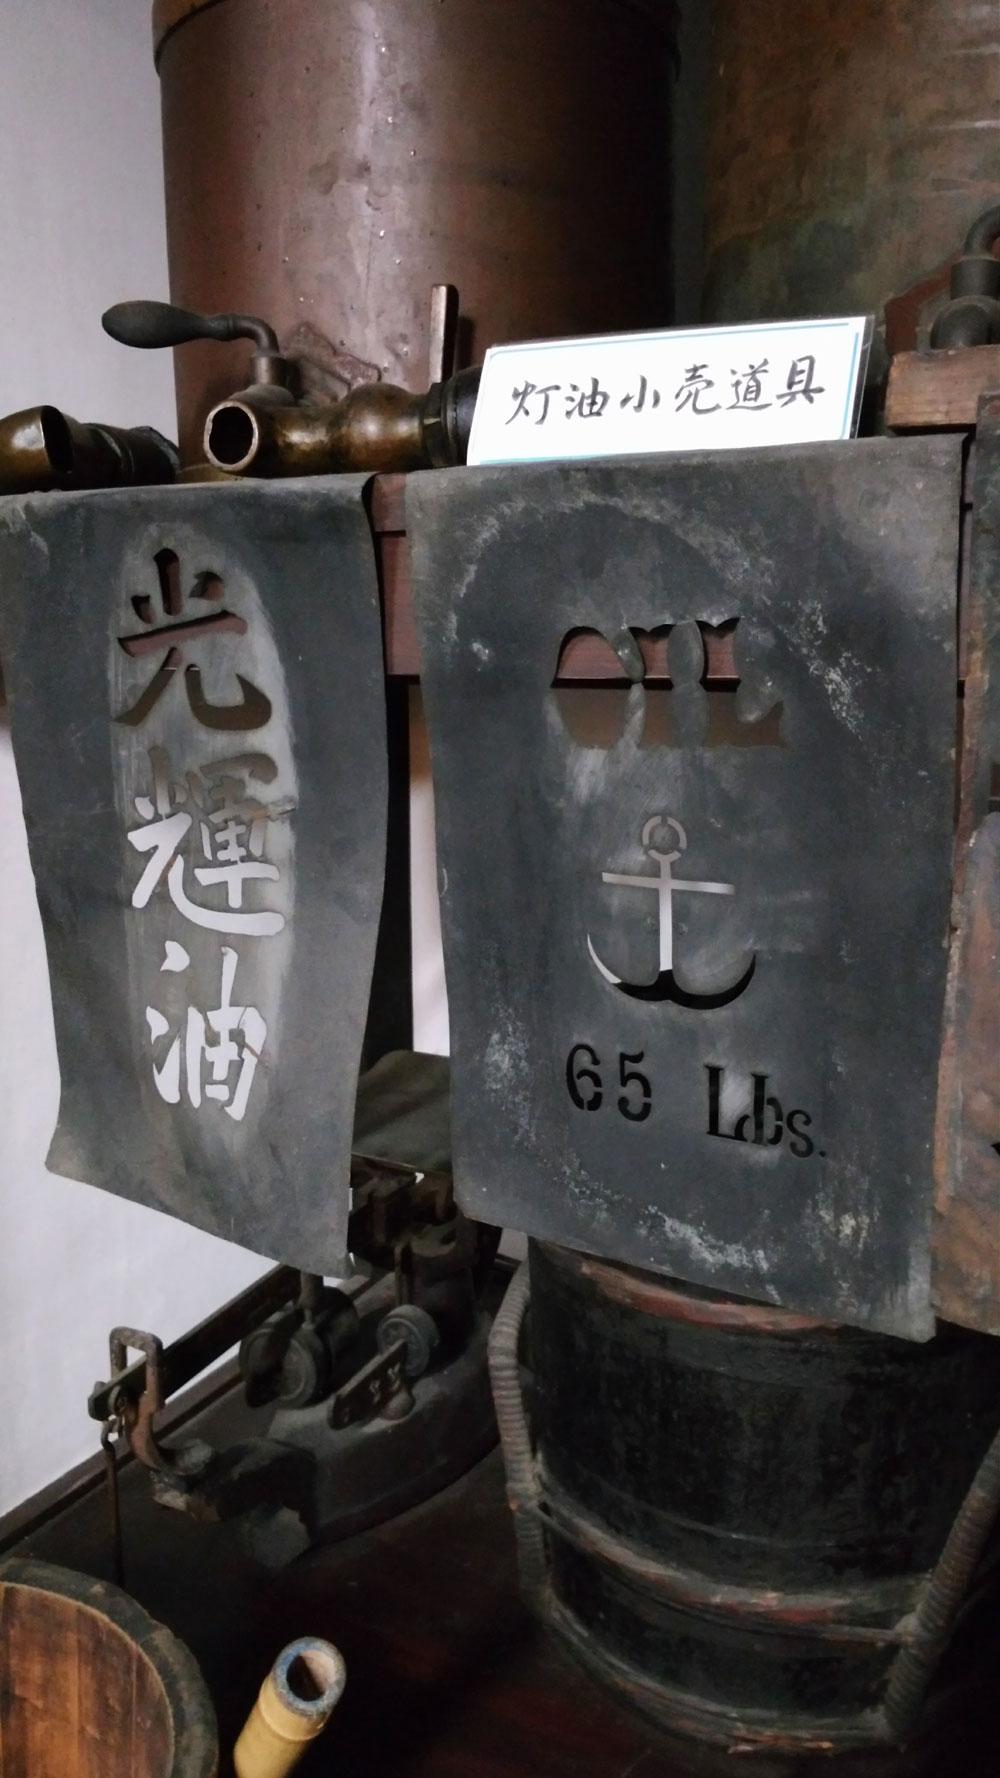 油を入れる容器に印字するための型